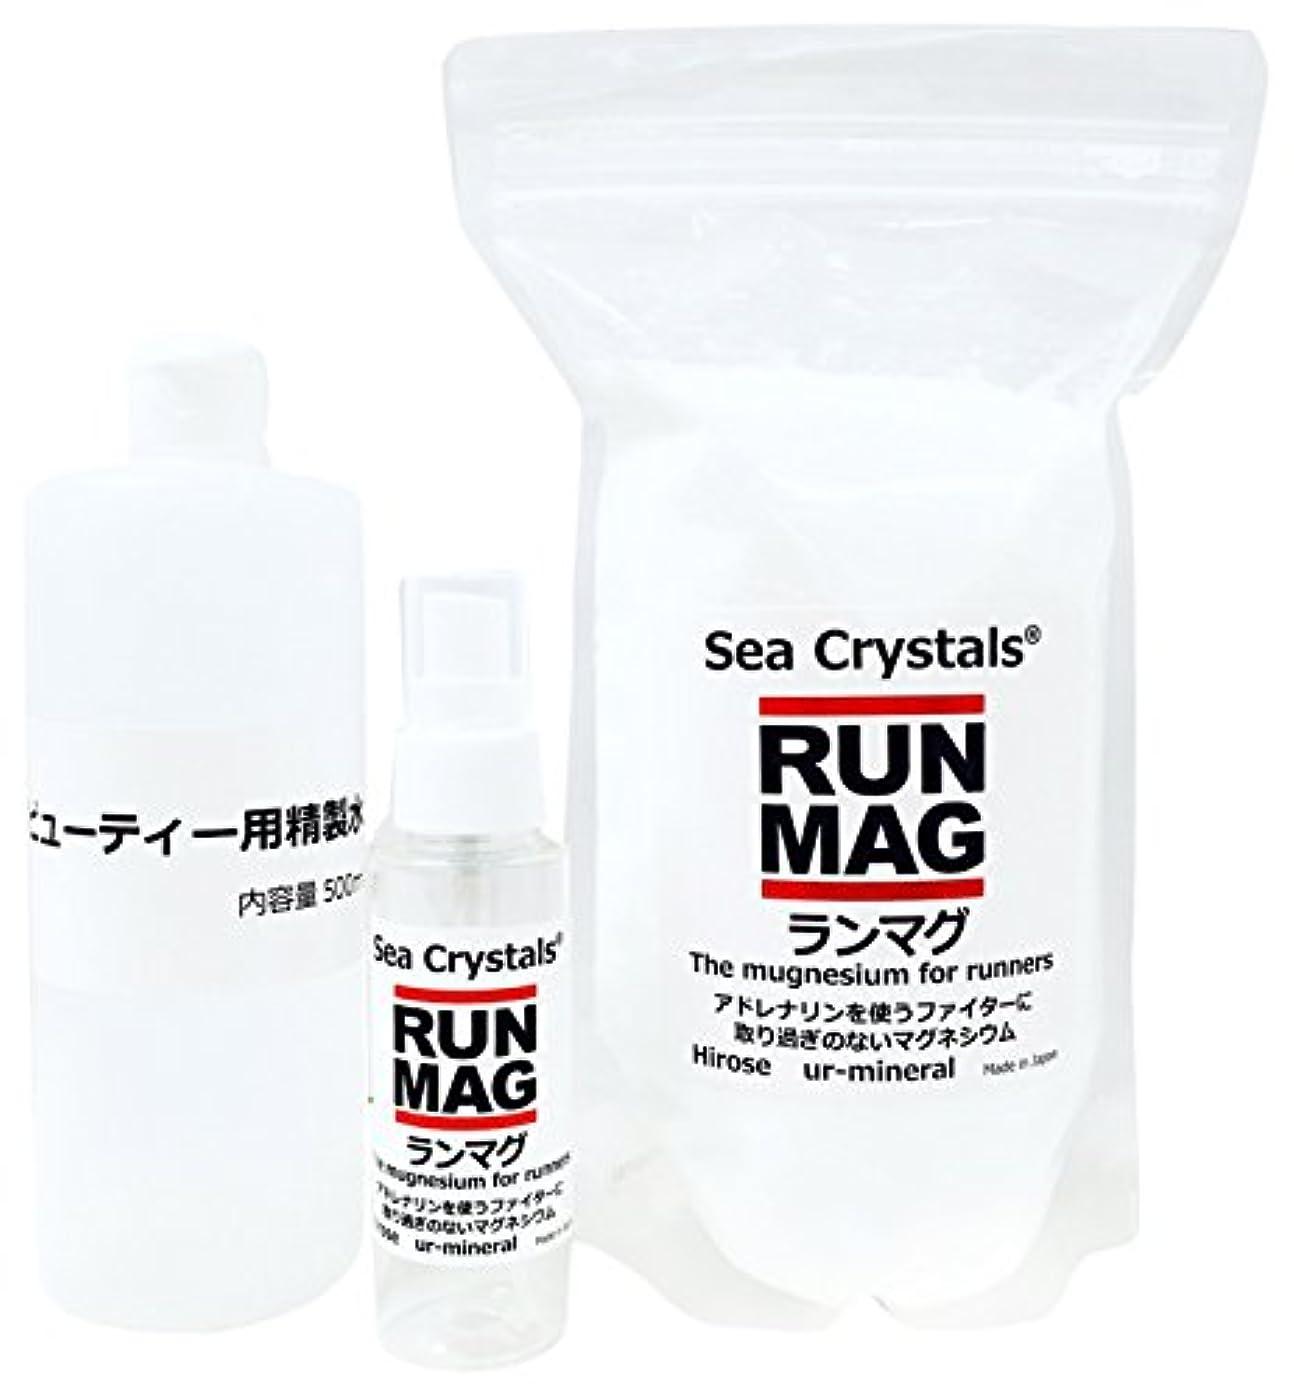 温度岩思い出させるランマグ?マグネシウムオイル 500g 化粧品登録 日本製 1日マグネシウム360mg使用  精製水付き